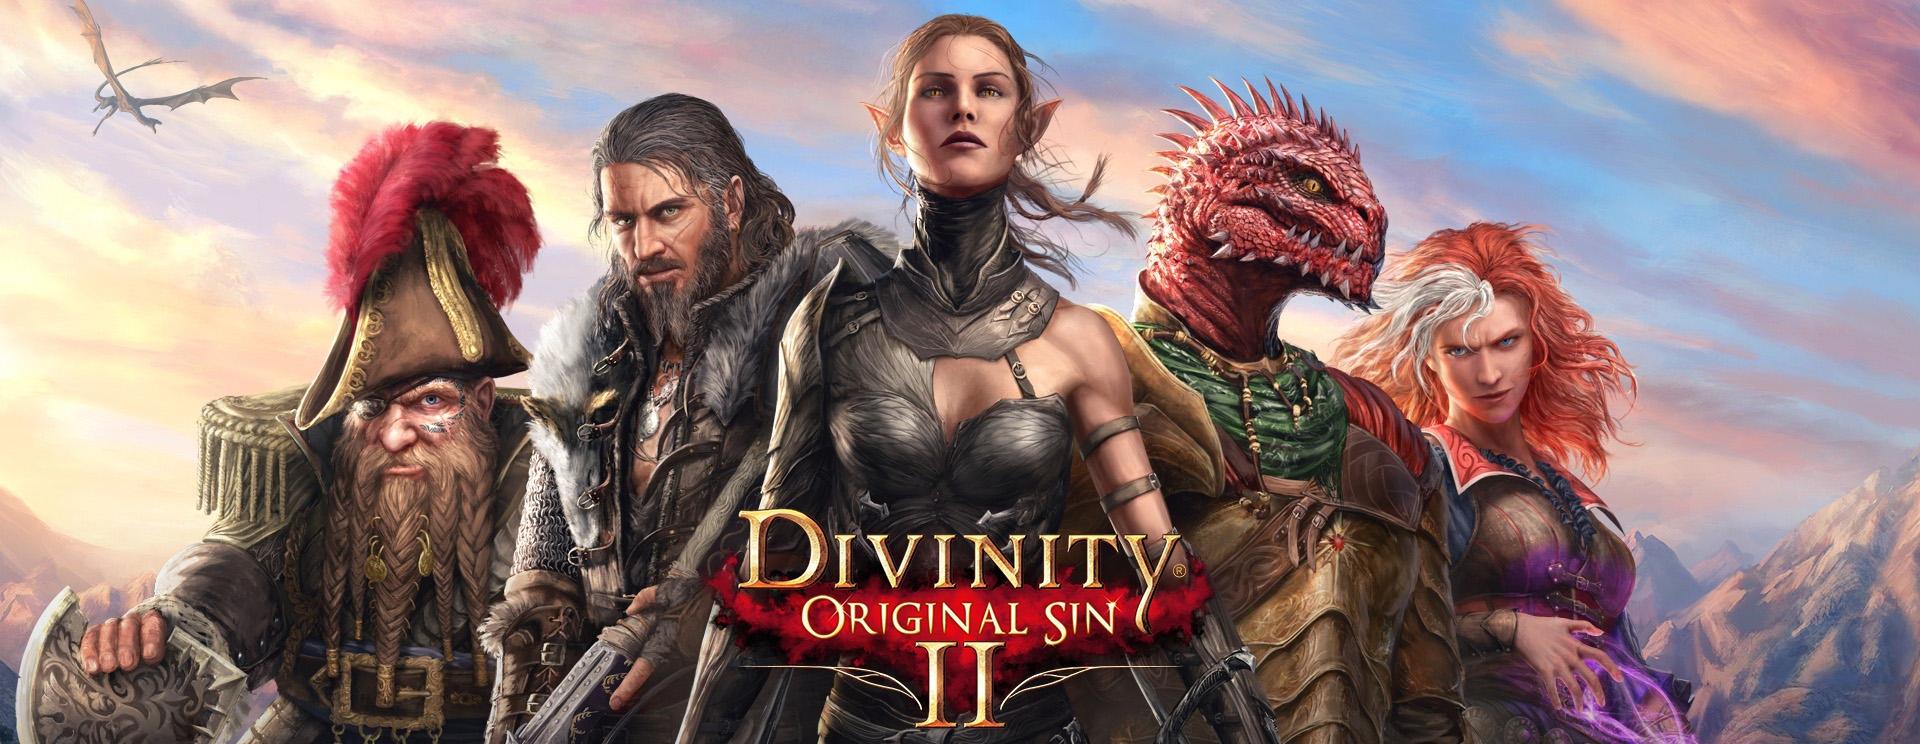 Divinity: Original Sin 2. Image Credit: Larian Studios.